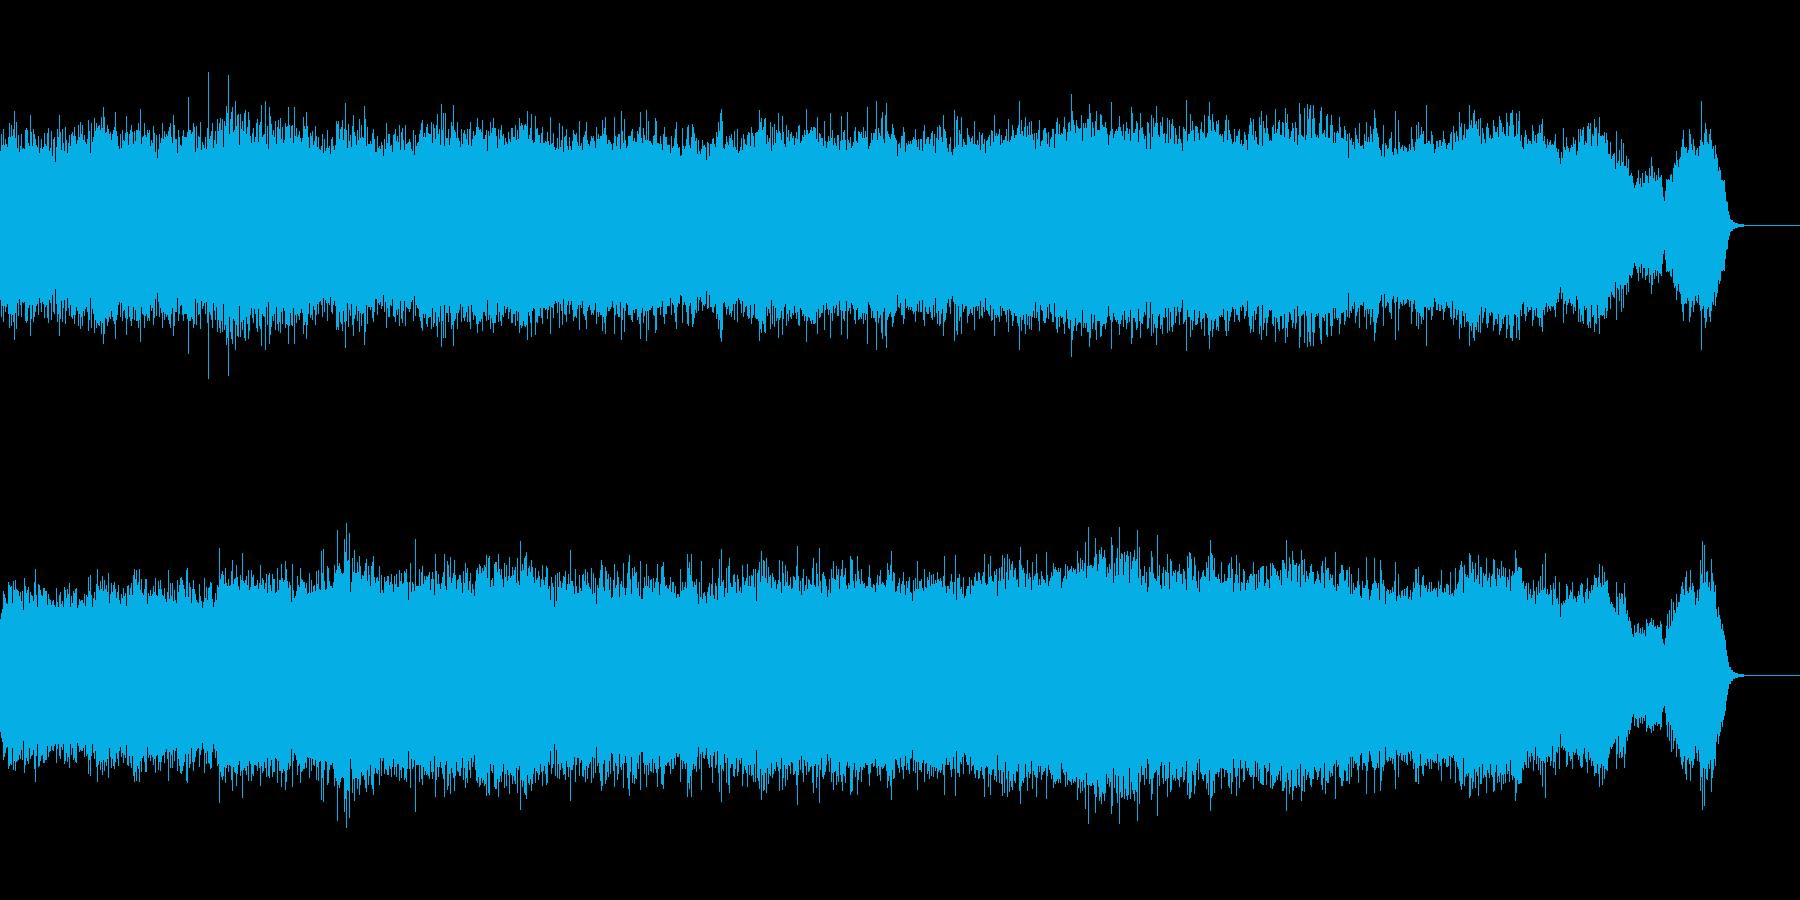 キーン!!工事の環境音の再生済みの波形